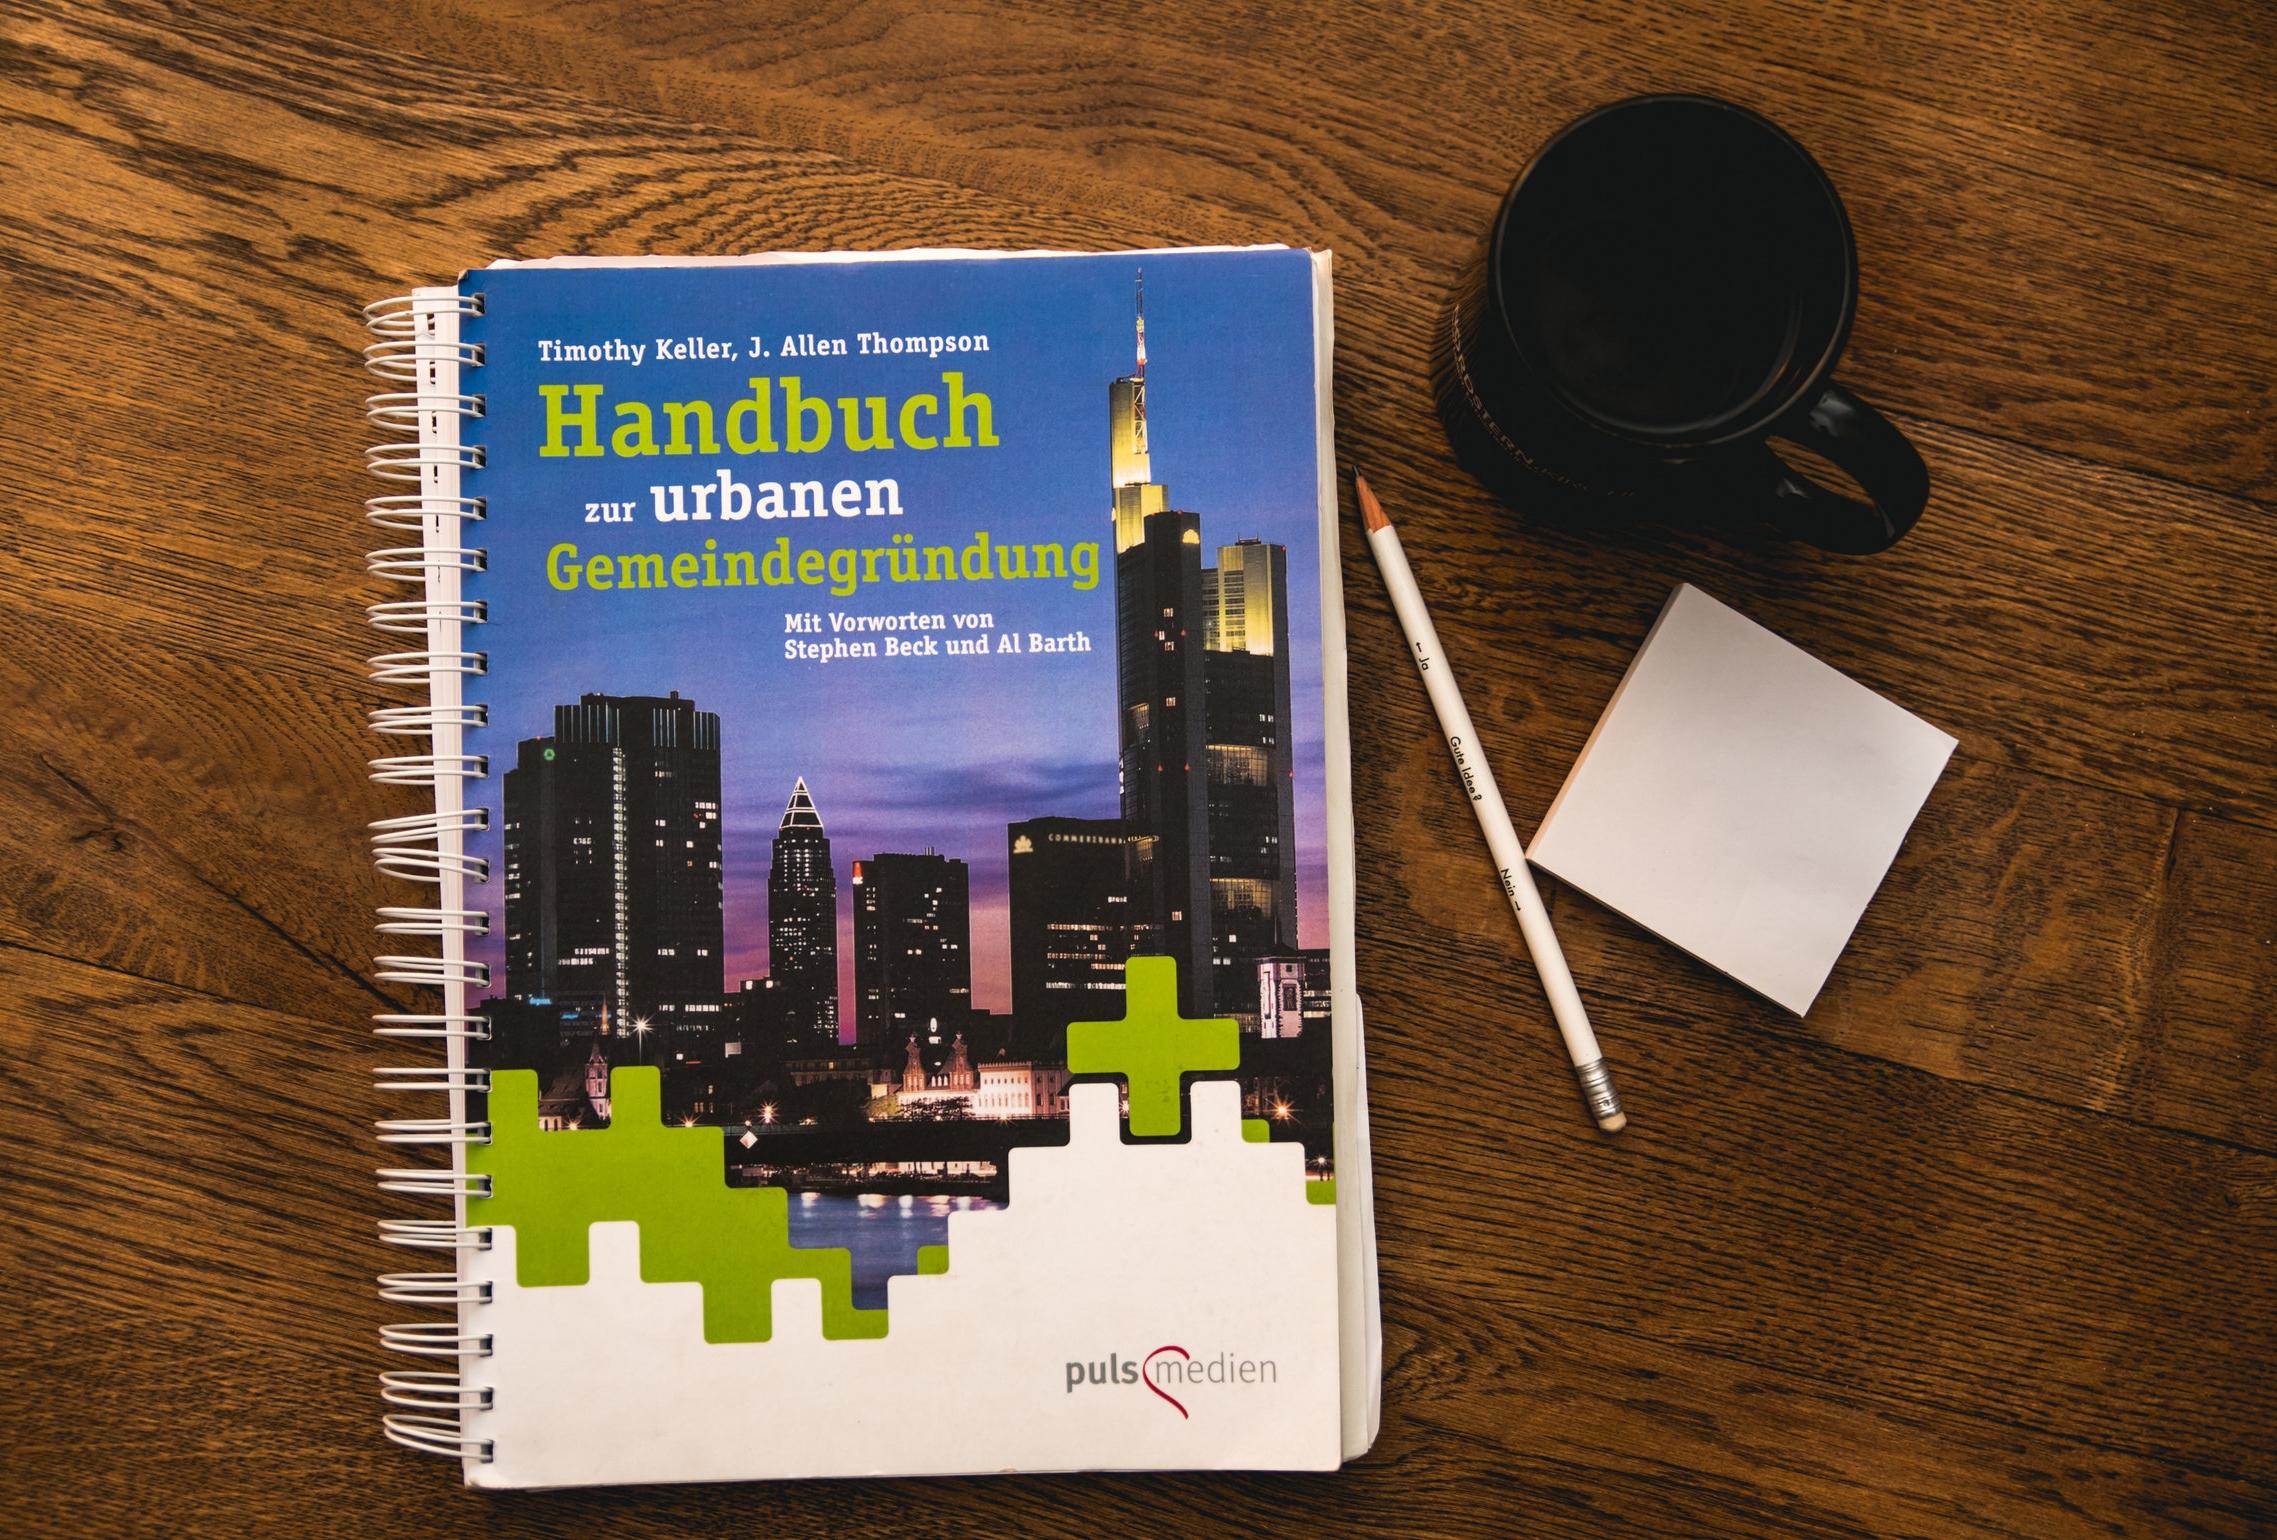 Handbuch - Jetzt bei www.amazon.de kaufen!